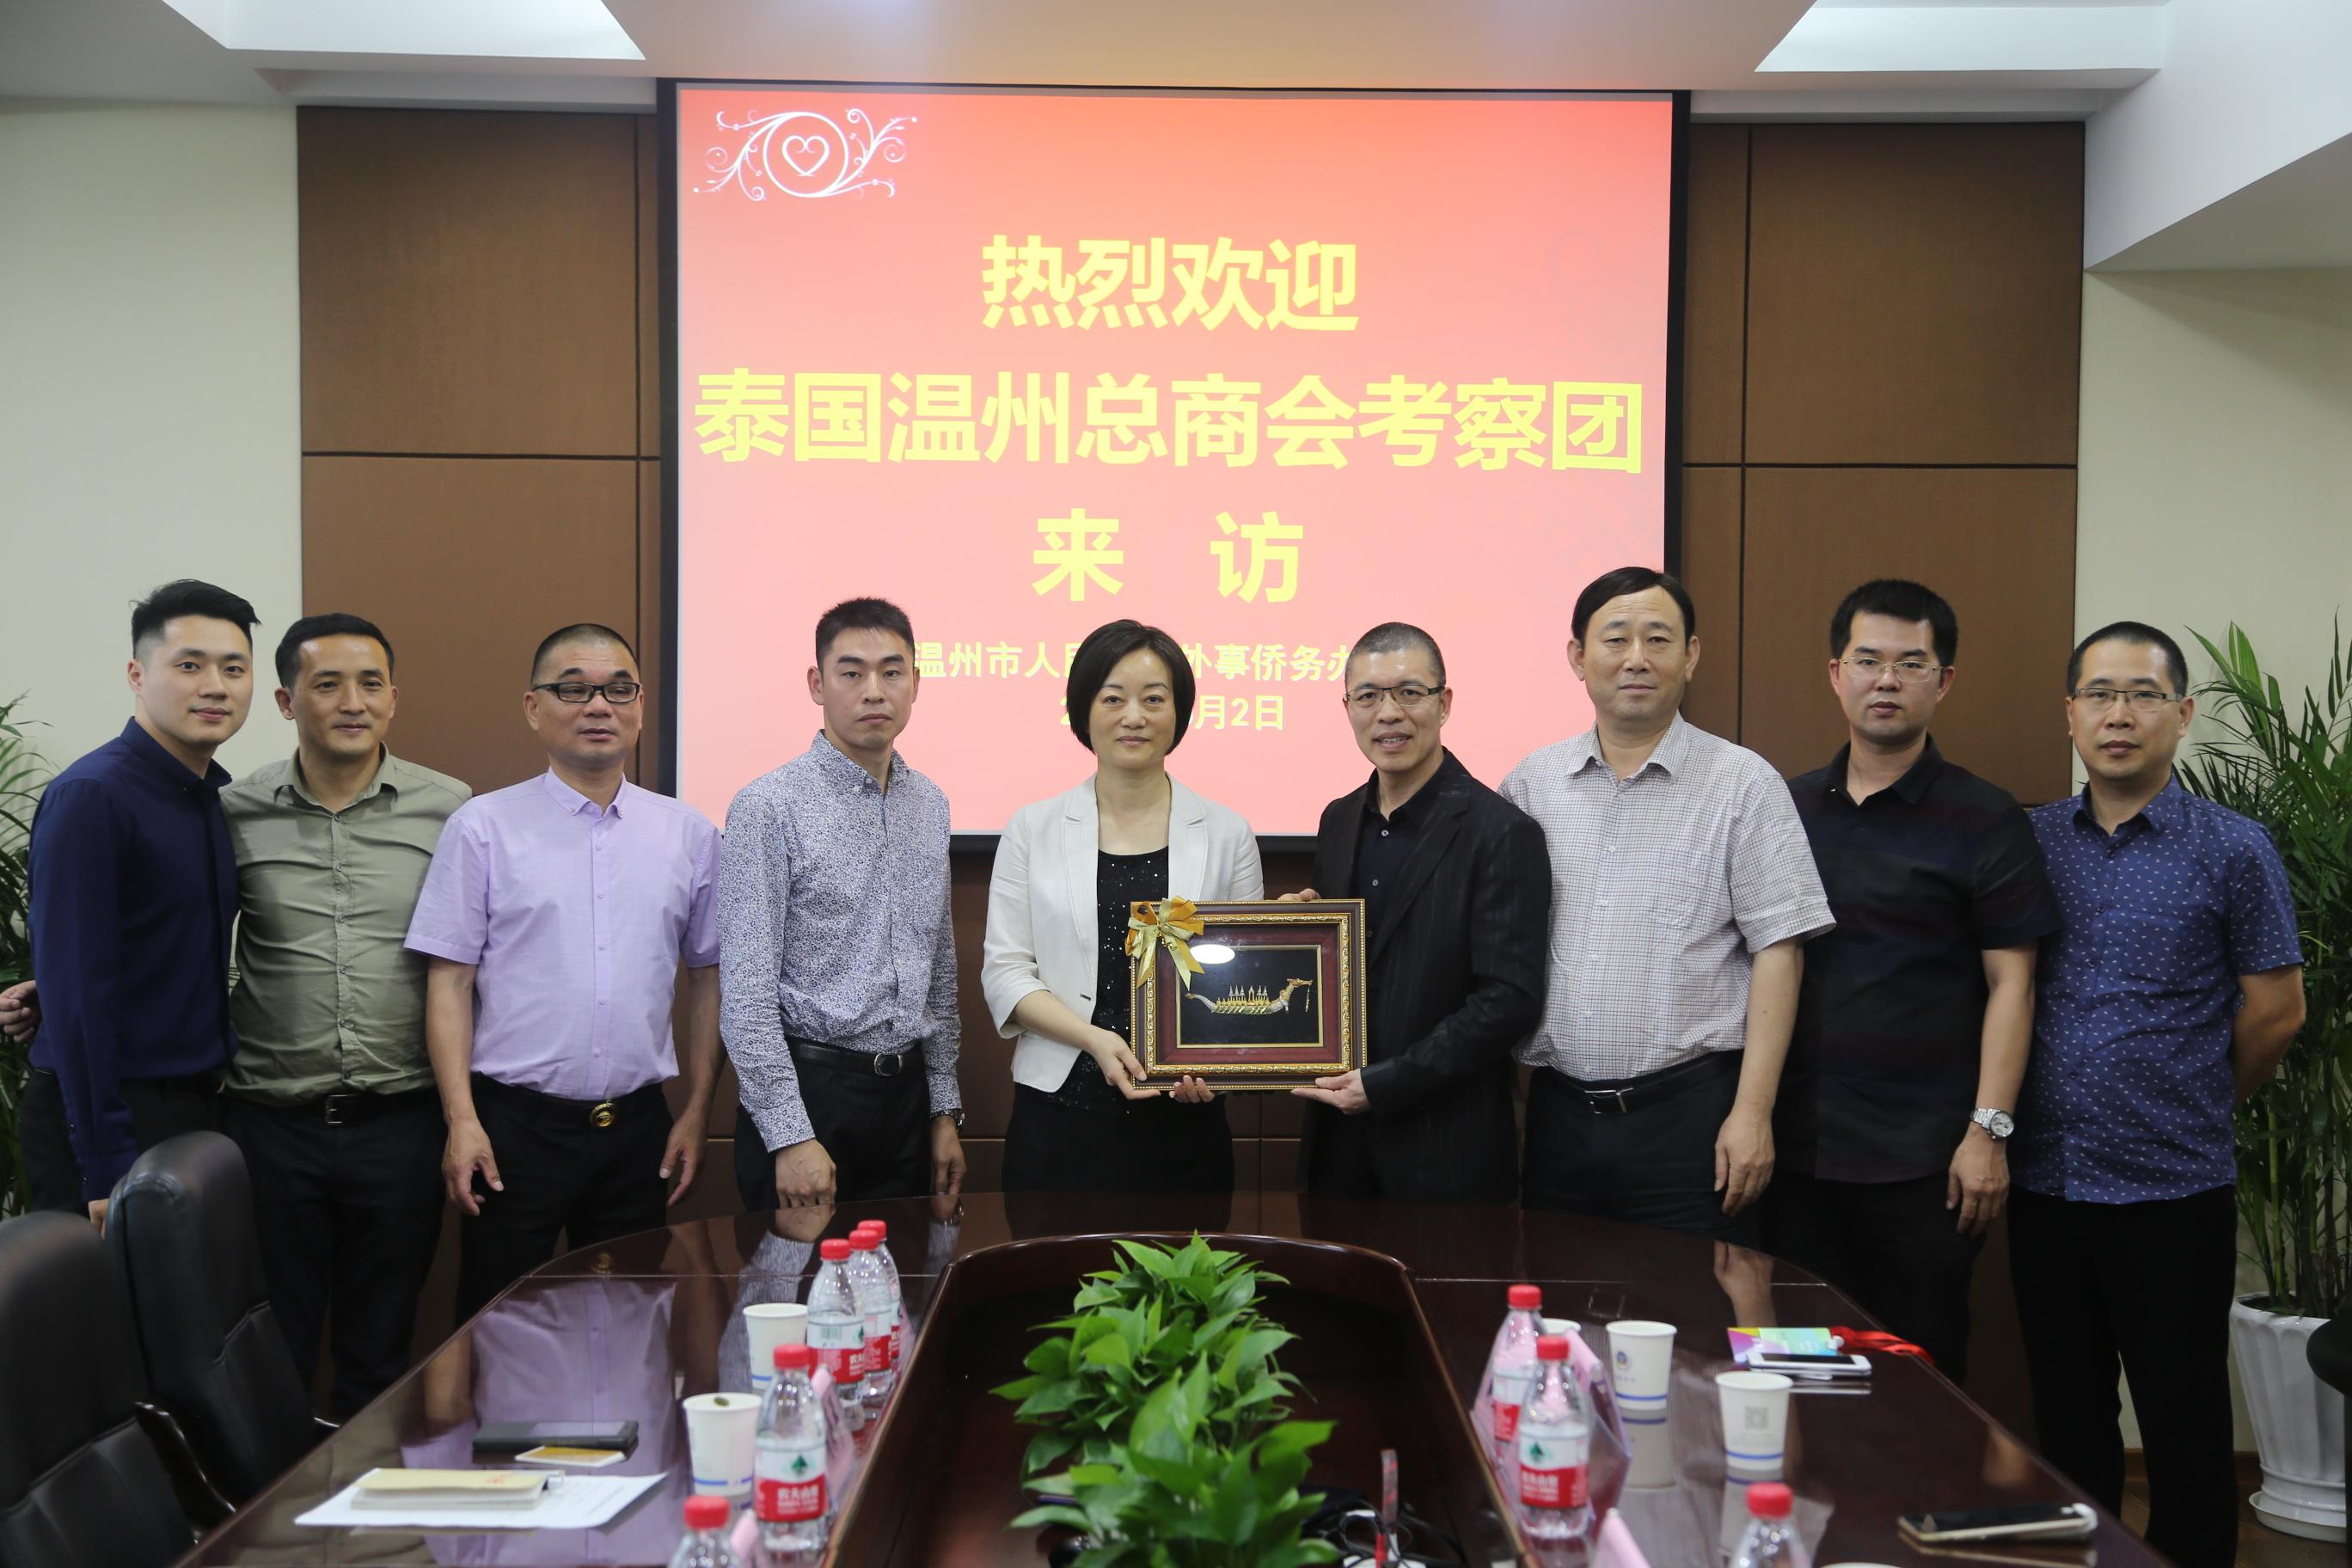 泰国温州总商会祁晓云会长带领商会成员拜访温州市外侨办